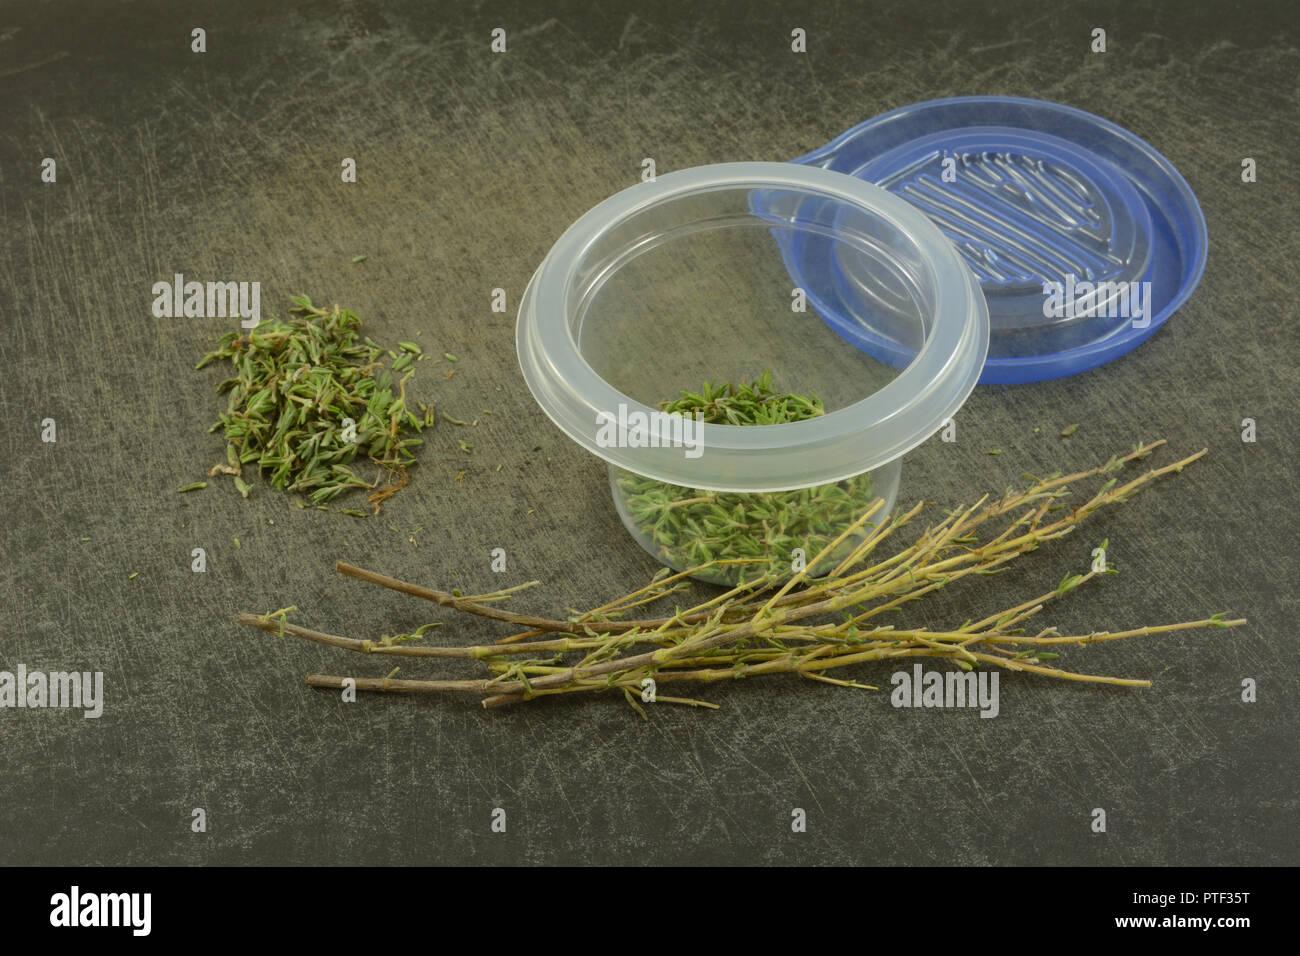 Lo strippaggio di timo fresco foglie da rami per mettere in piccolo contenitore in plastica sul bordo di taglio per uso in cucina più tardi Immagini Stock